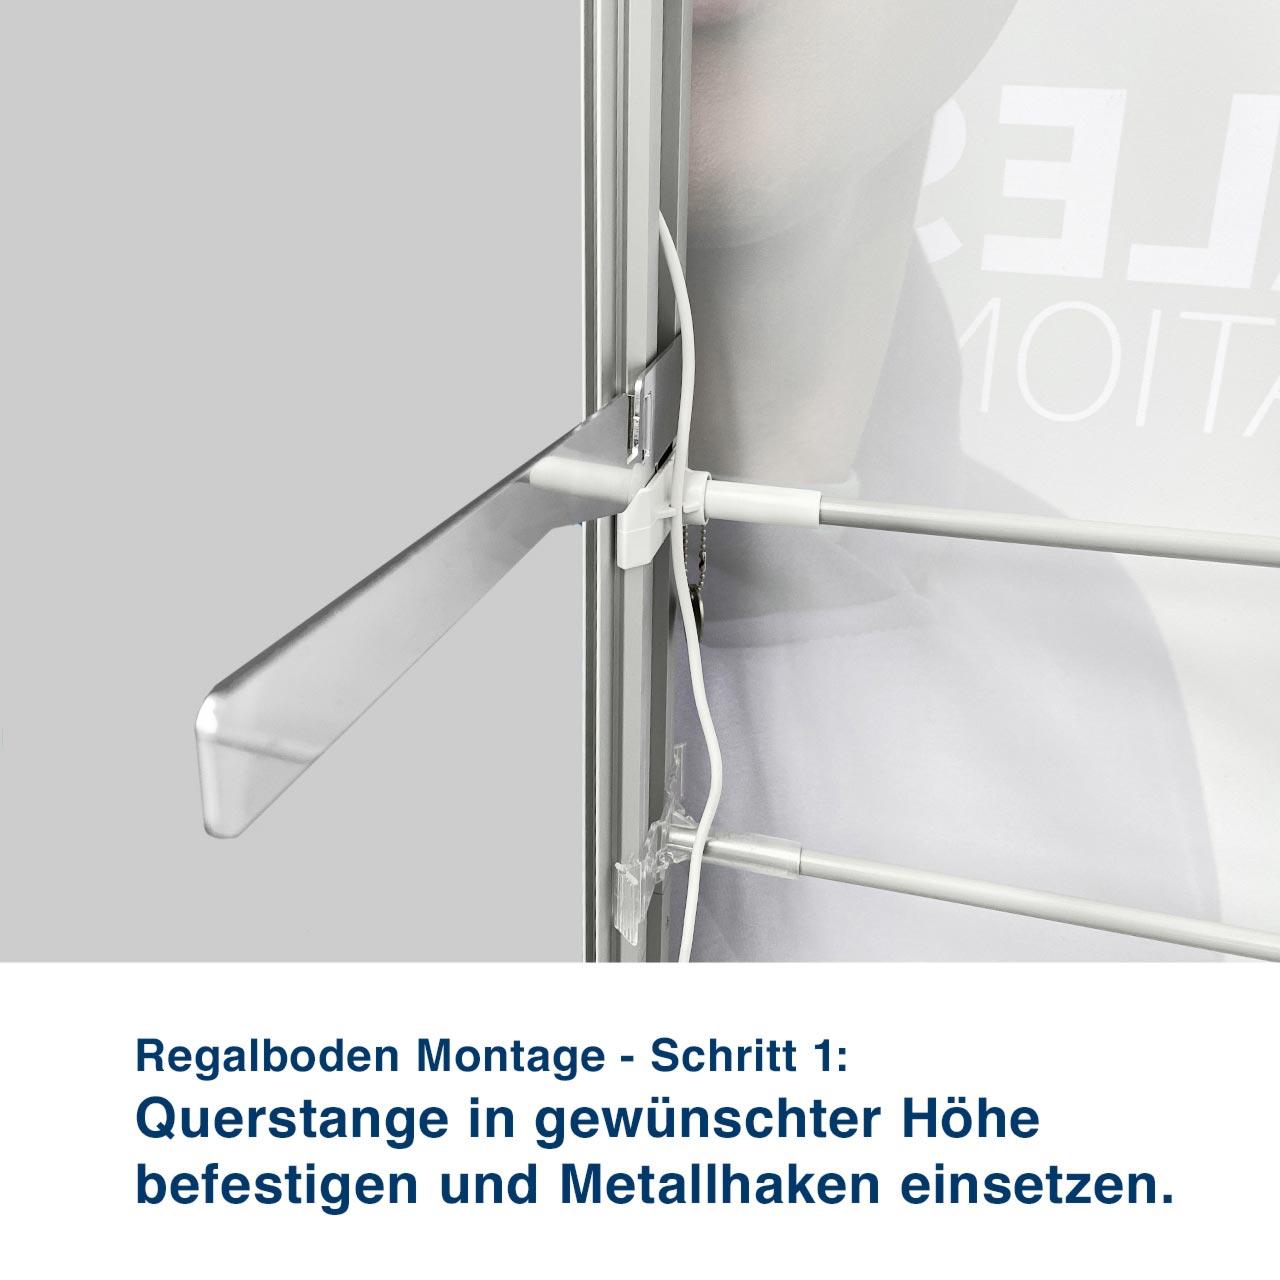 Regalboden Montage - Schritt 1:  Querstange in gewünschter Höhe  befestigen und Metallhaken einsetzen.